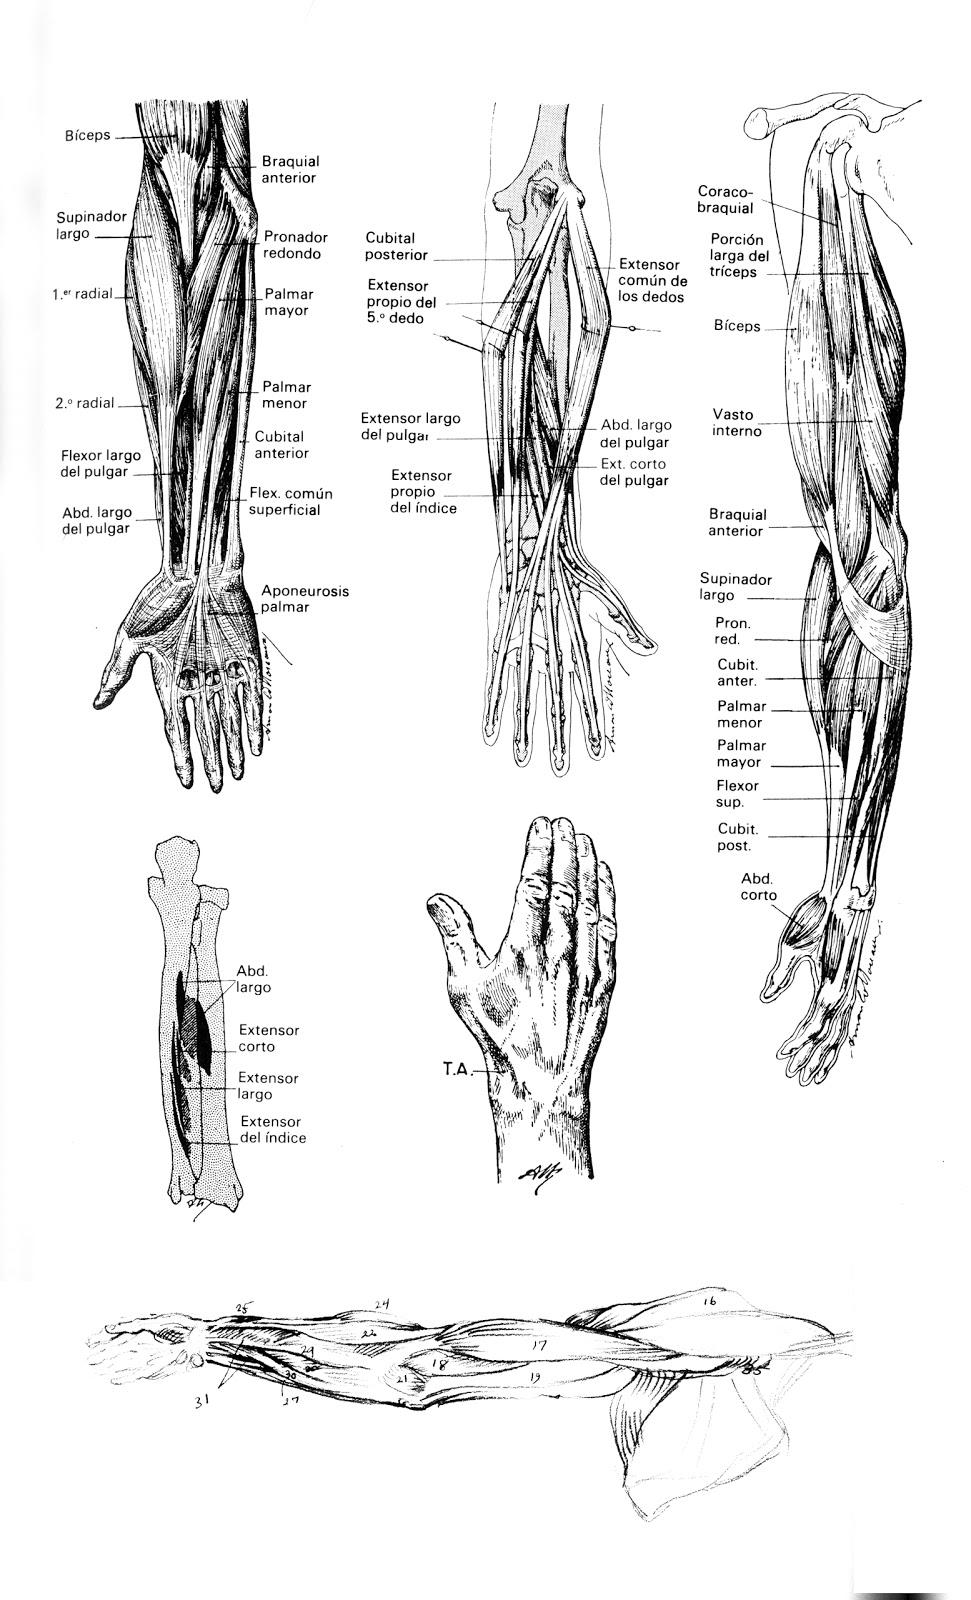 Taller de Arte Juan Herrera: Anatomía Artística - Musculatura del brazo.